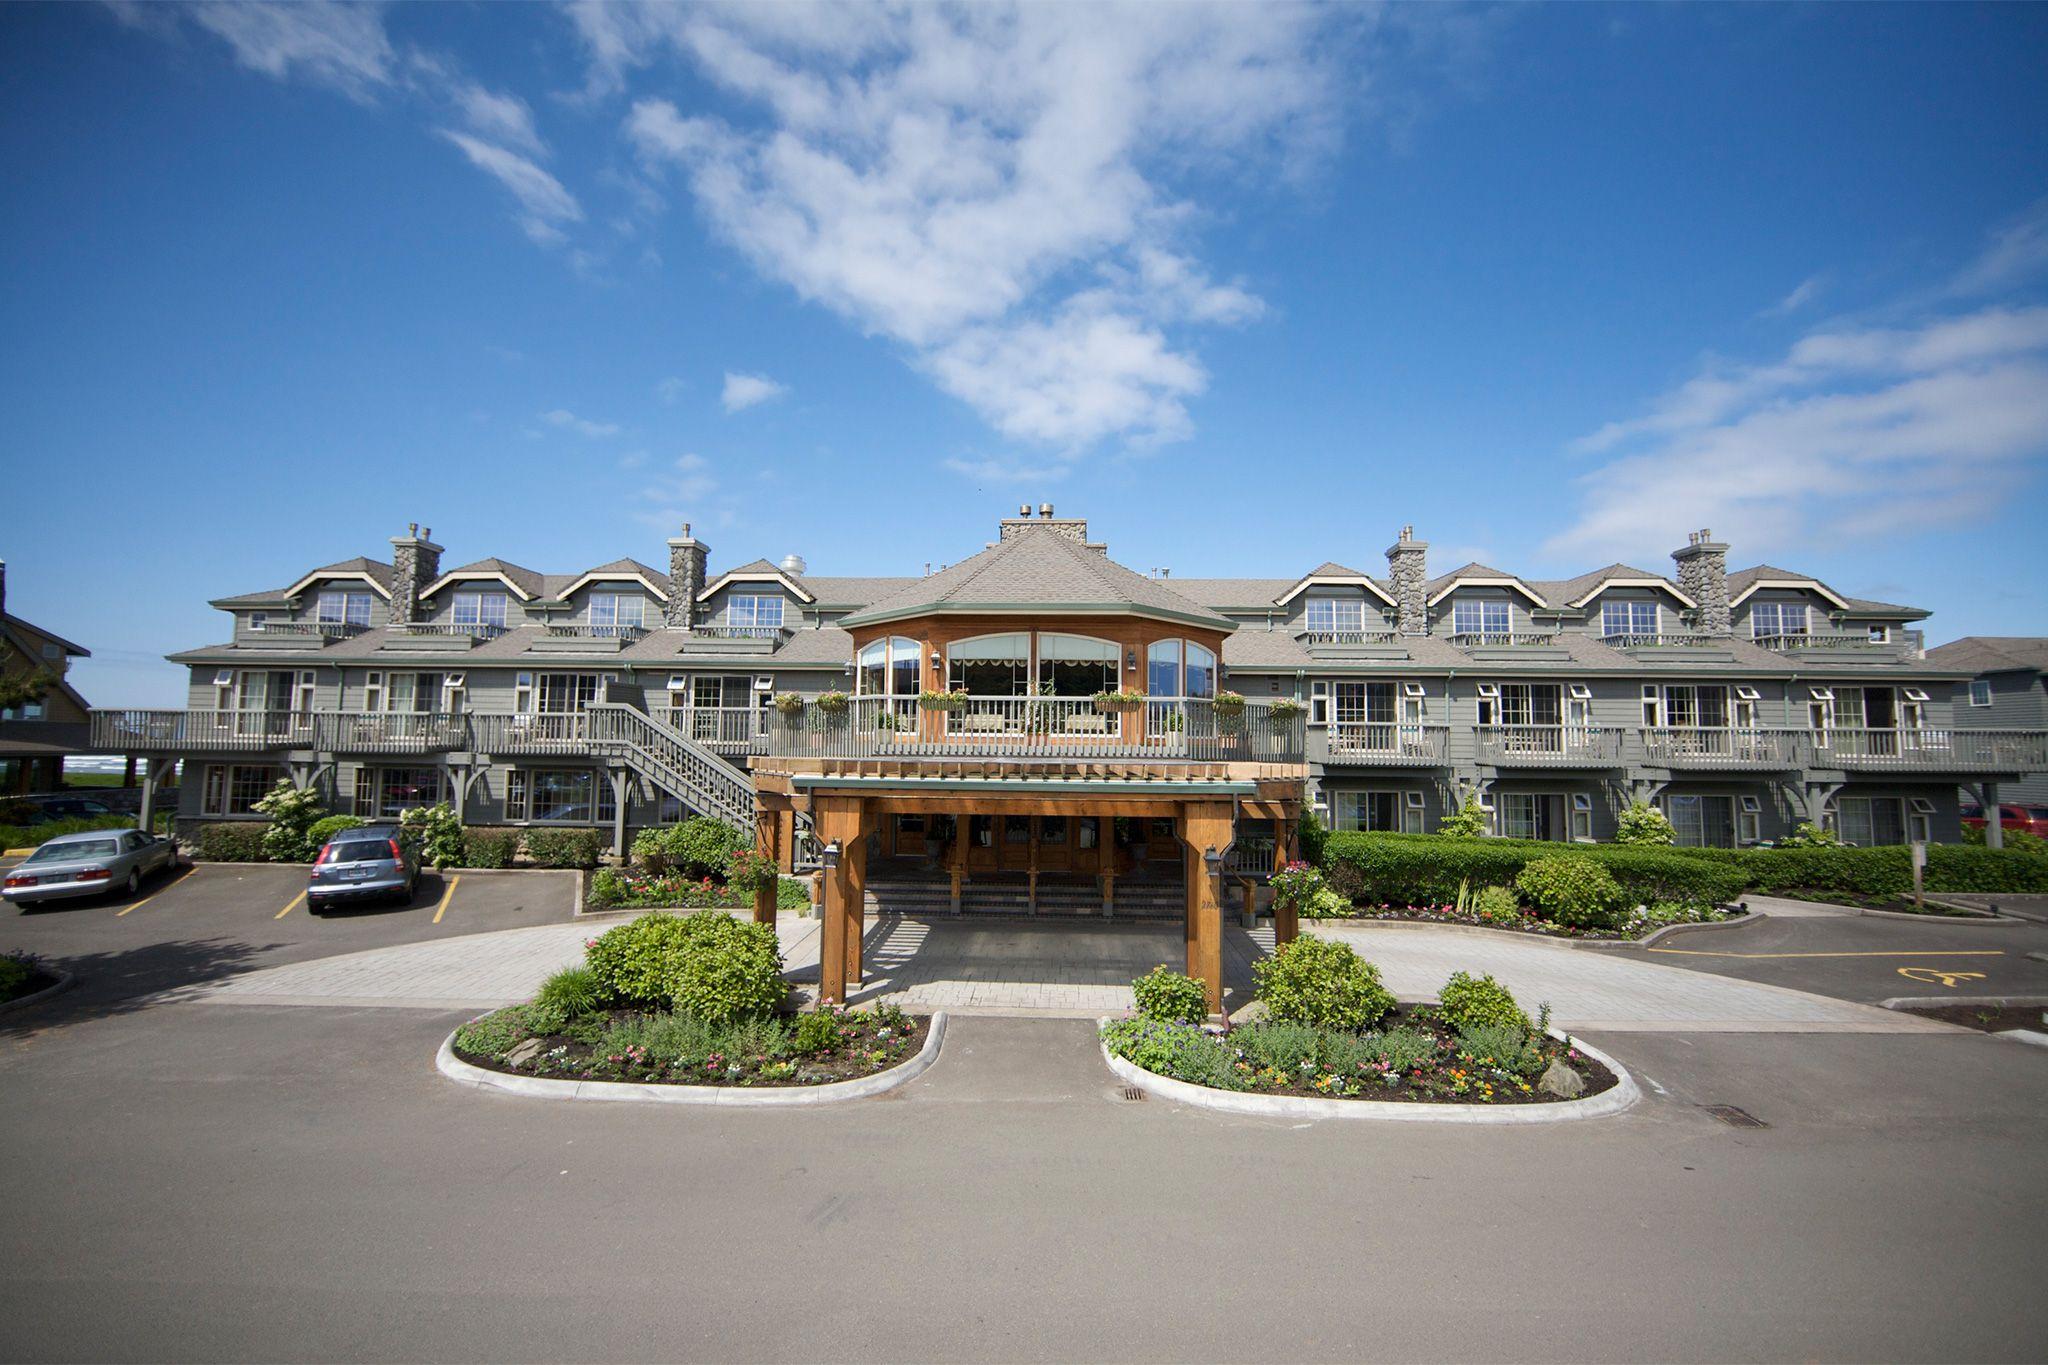 Stephanie Inn Hotel Cannon Beach Oregon